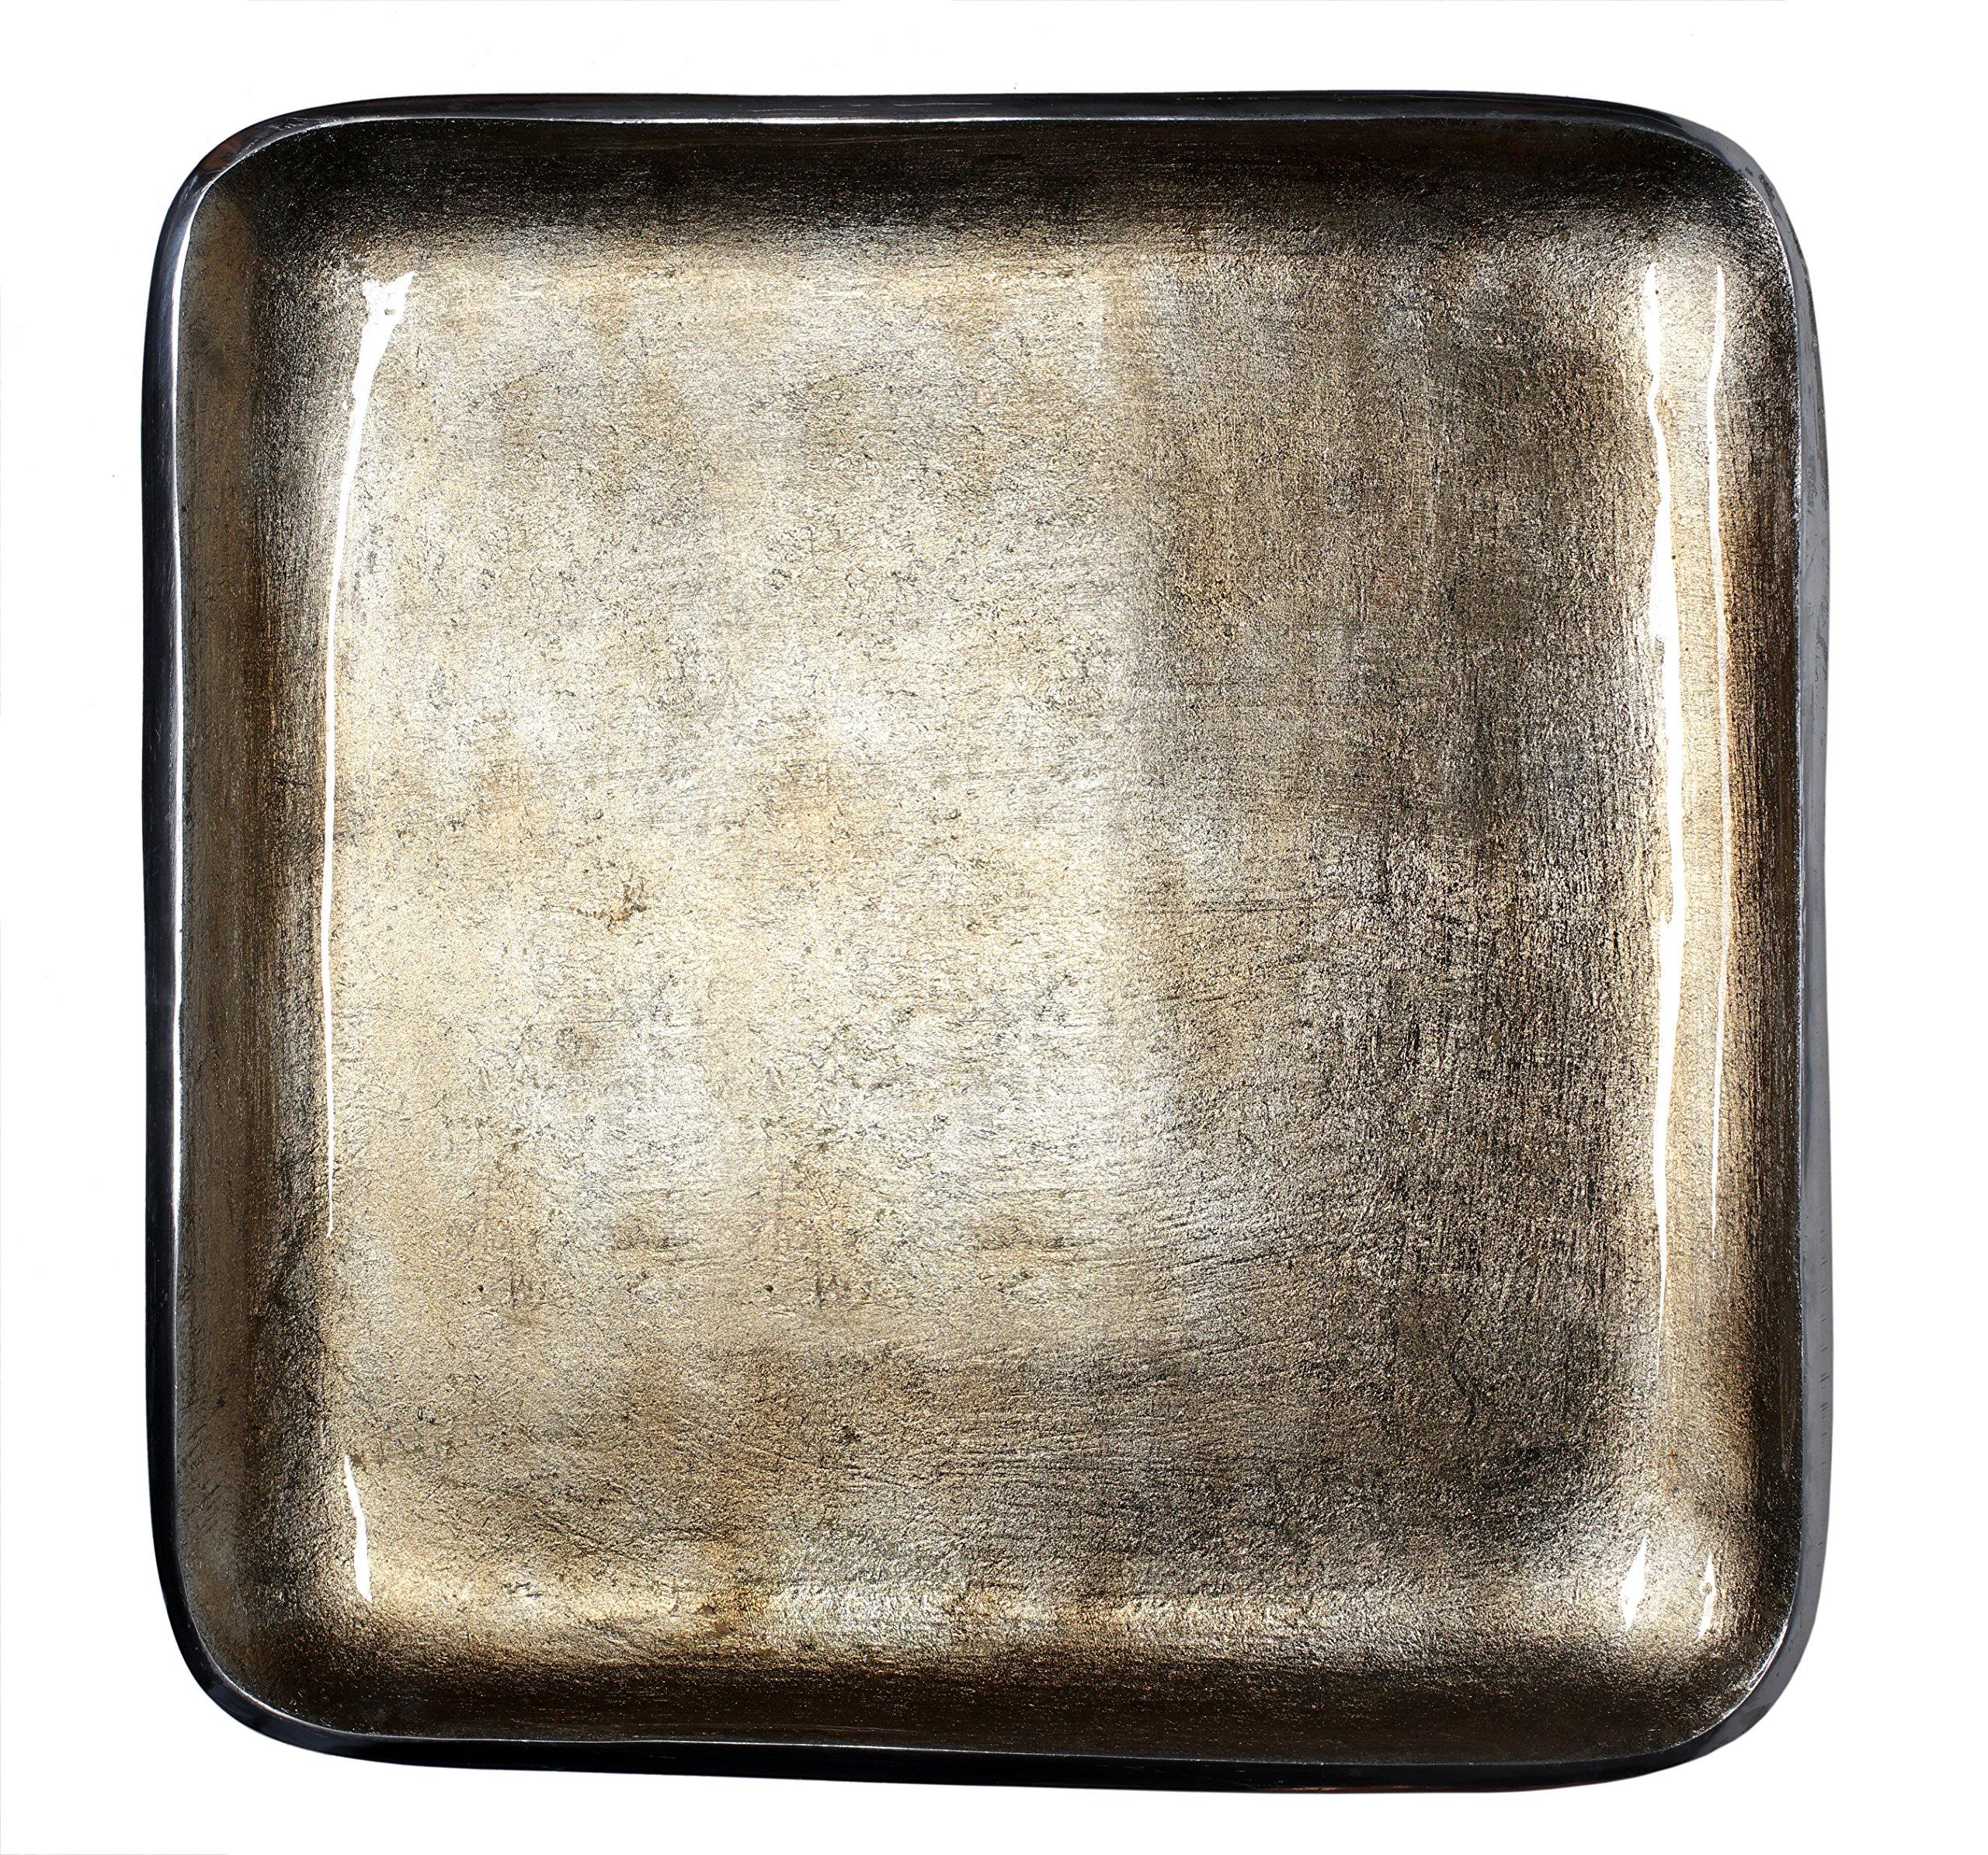 Melange Home Decor Square Tray Platter 12.25-inch Bowl, Color - Beige, Pack of 4